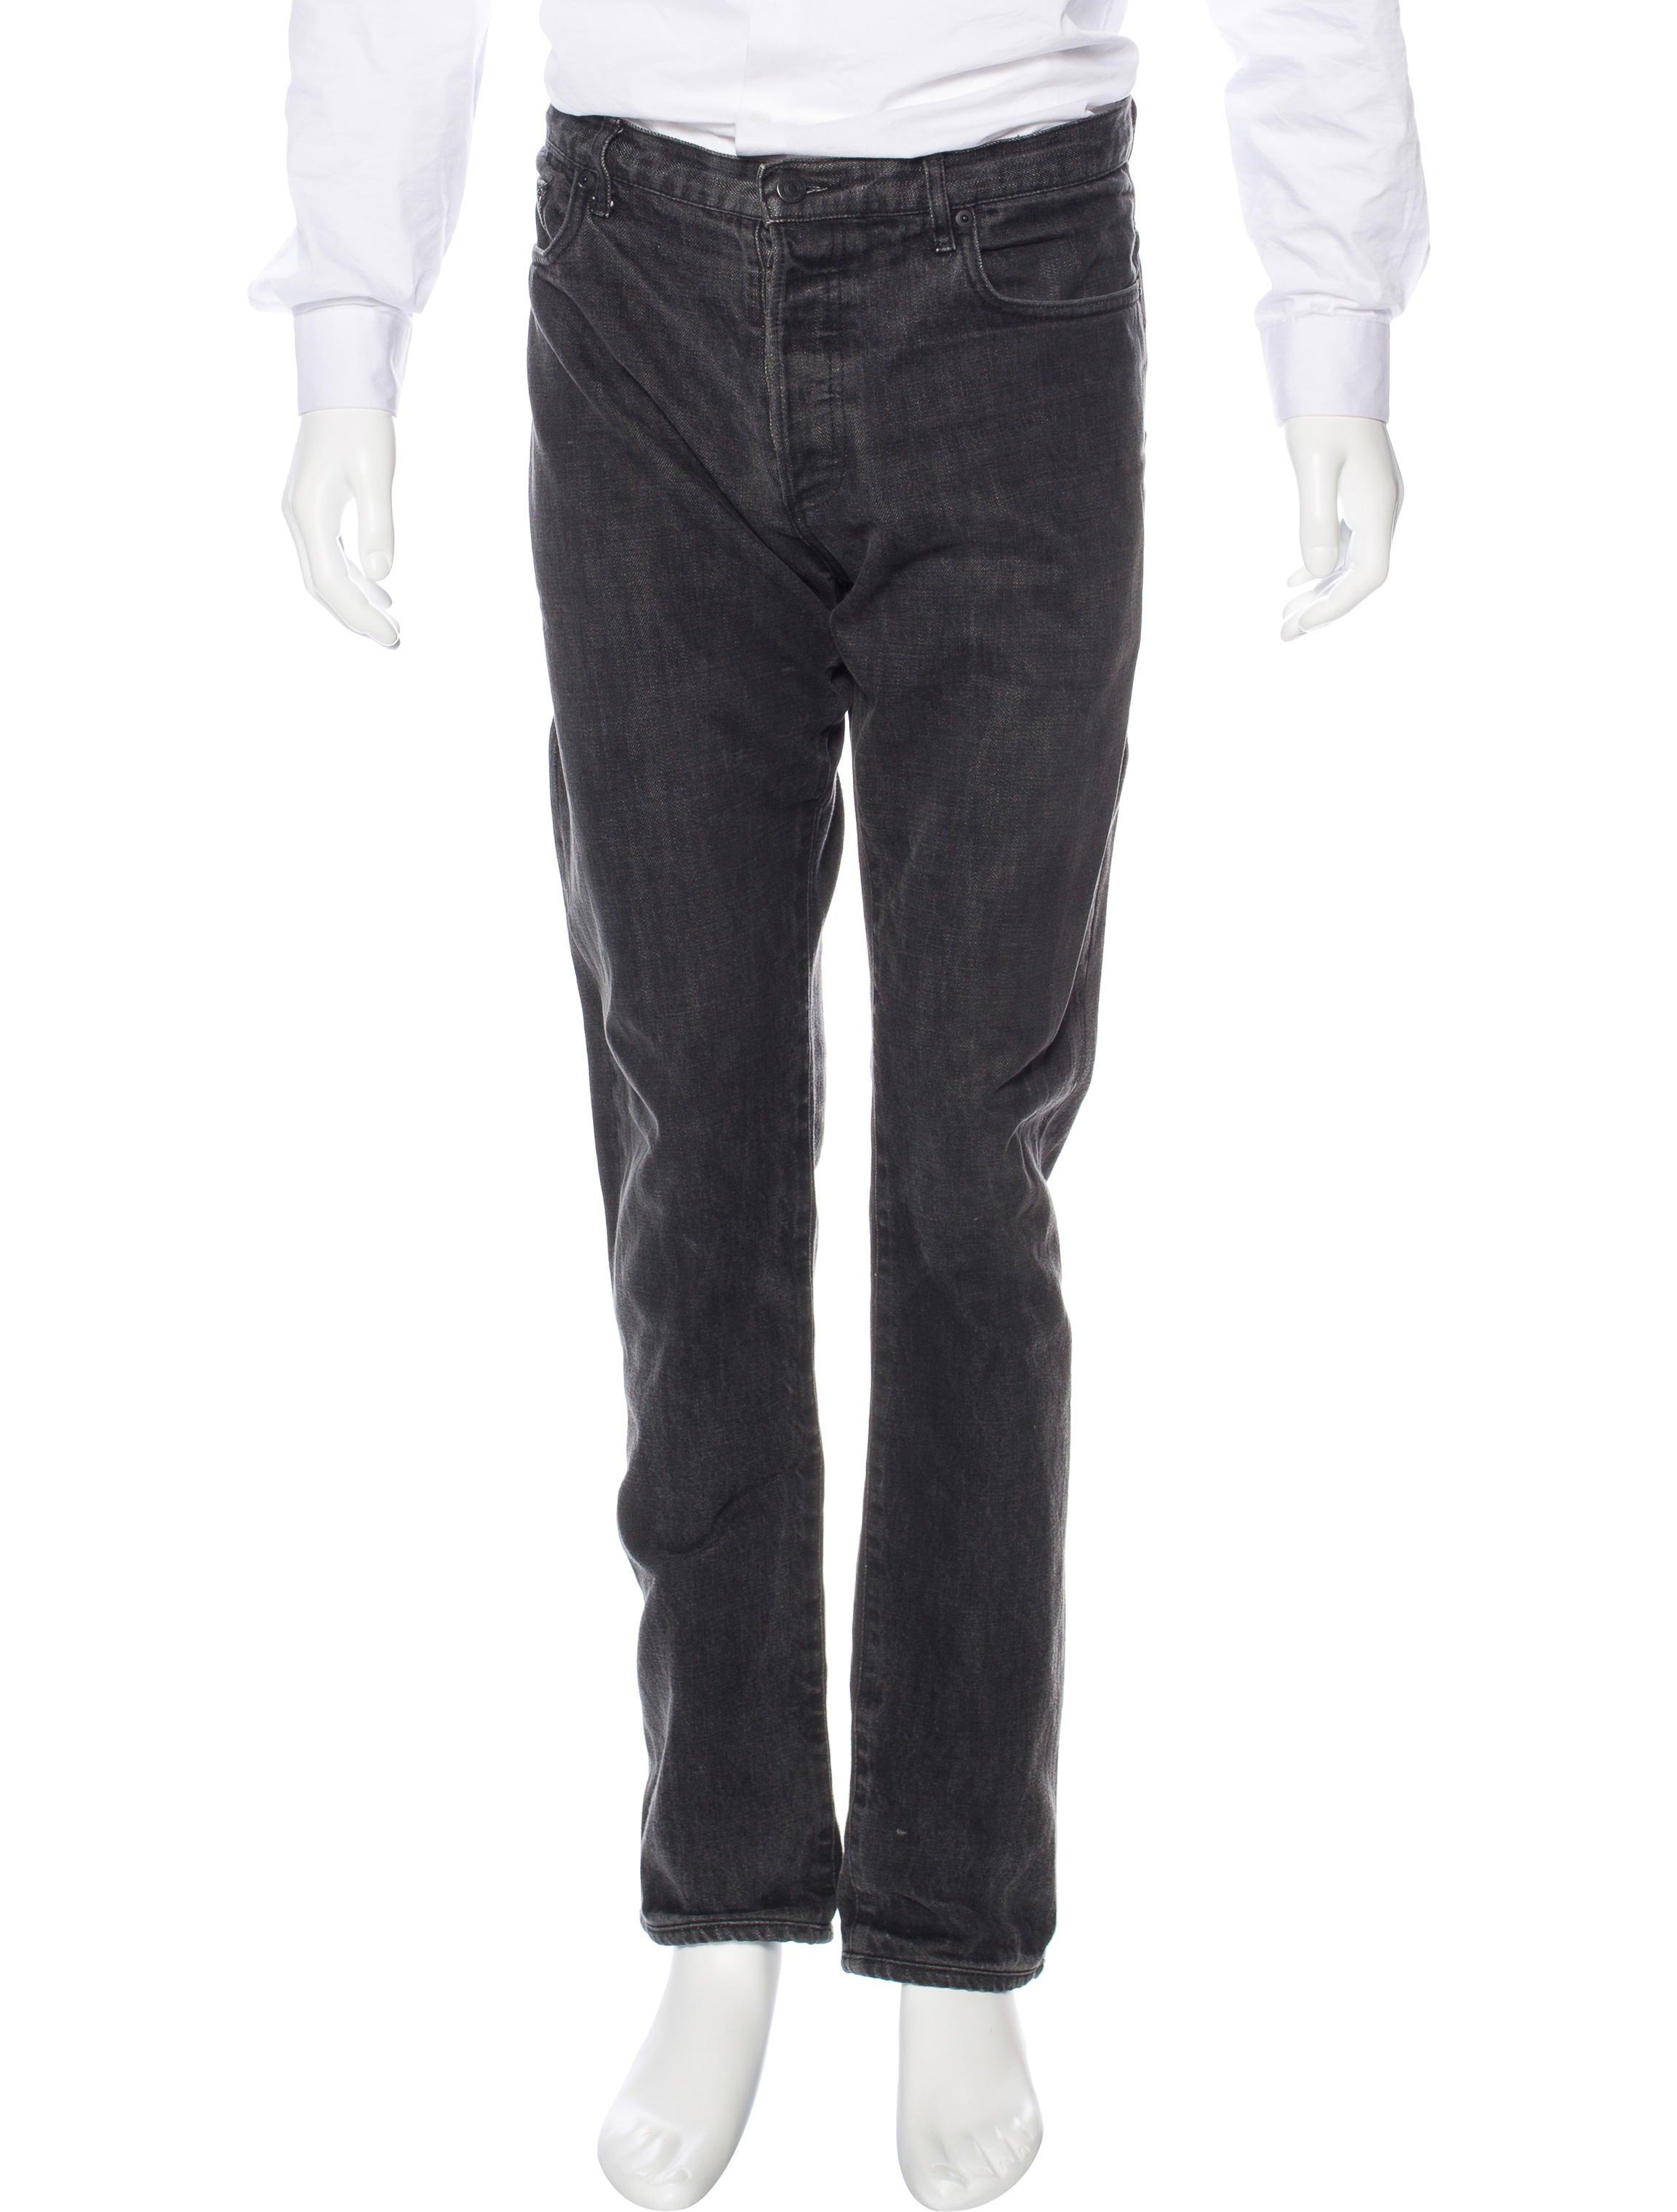 dior homme five pocket skinny jeans clothing hmm23287 the realreal. Black Bedroom Furniture Sets. Home Design Ideas